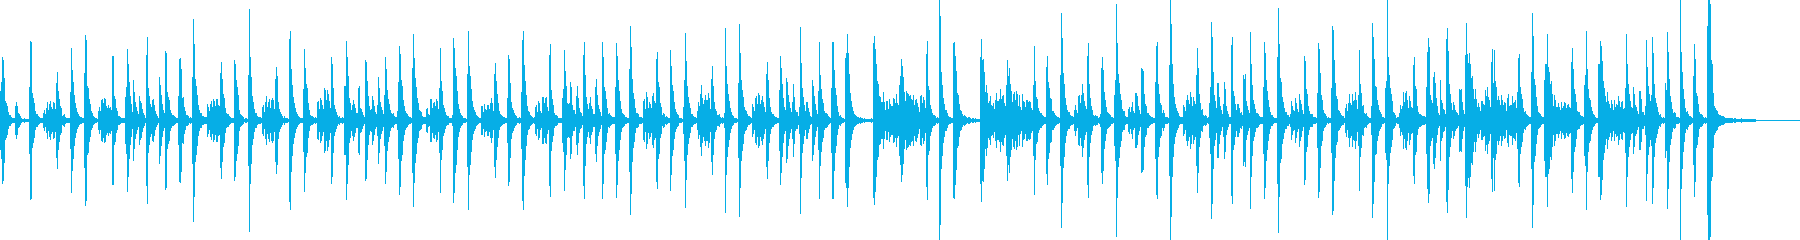 ドラム:マーチ、ロング、キック、スネアの再生済みの波形